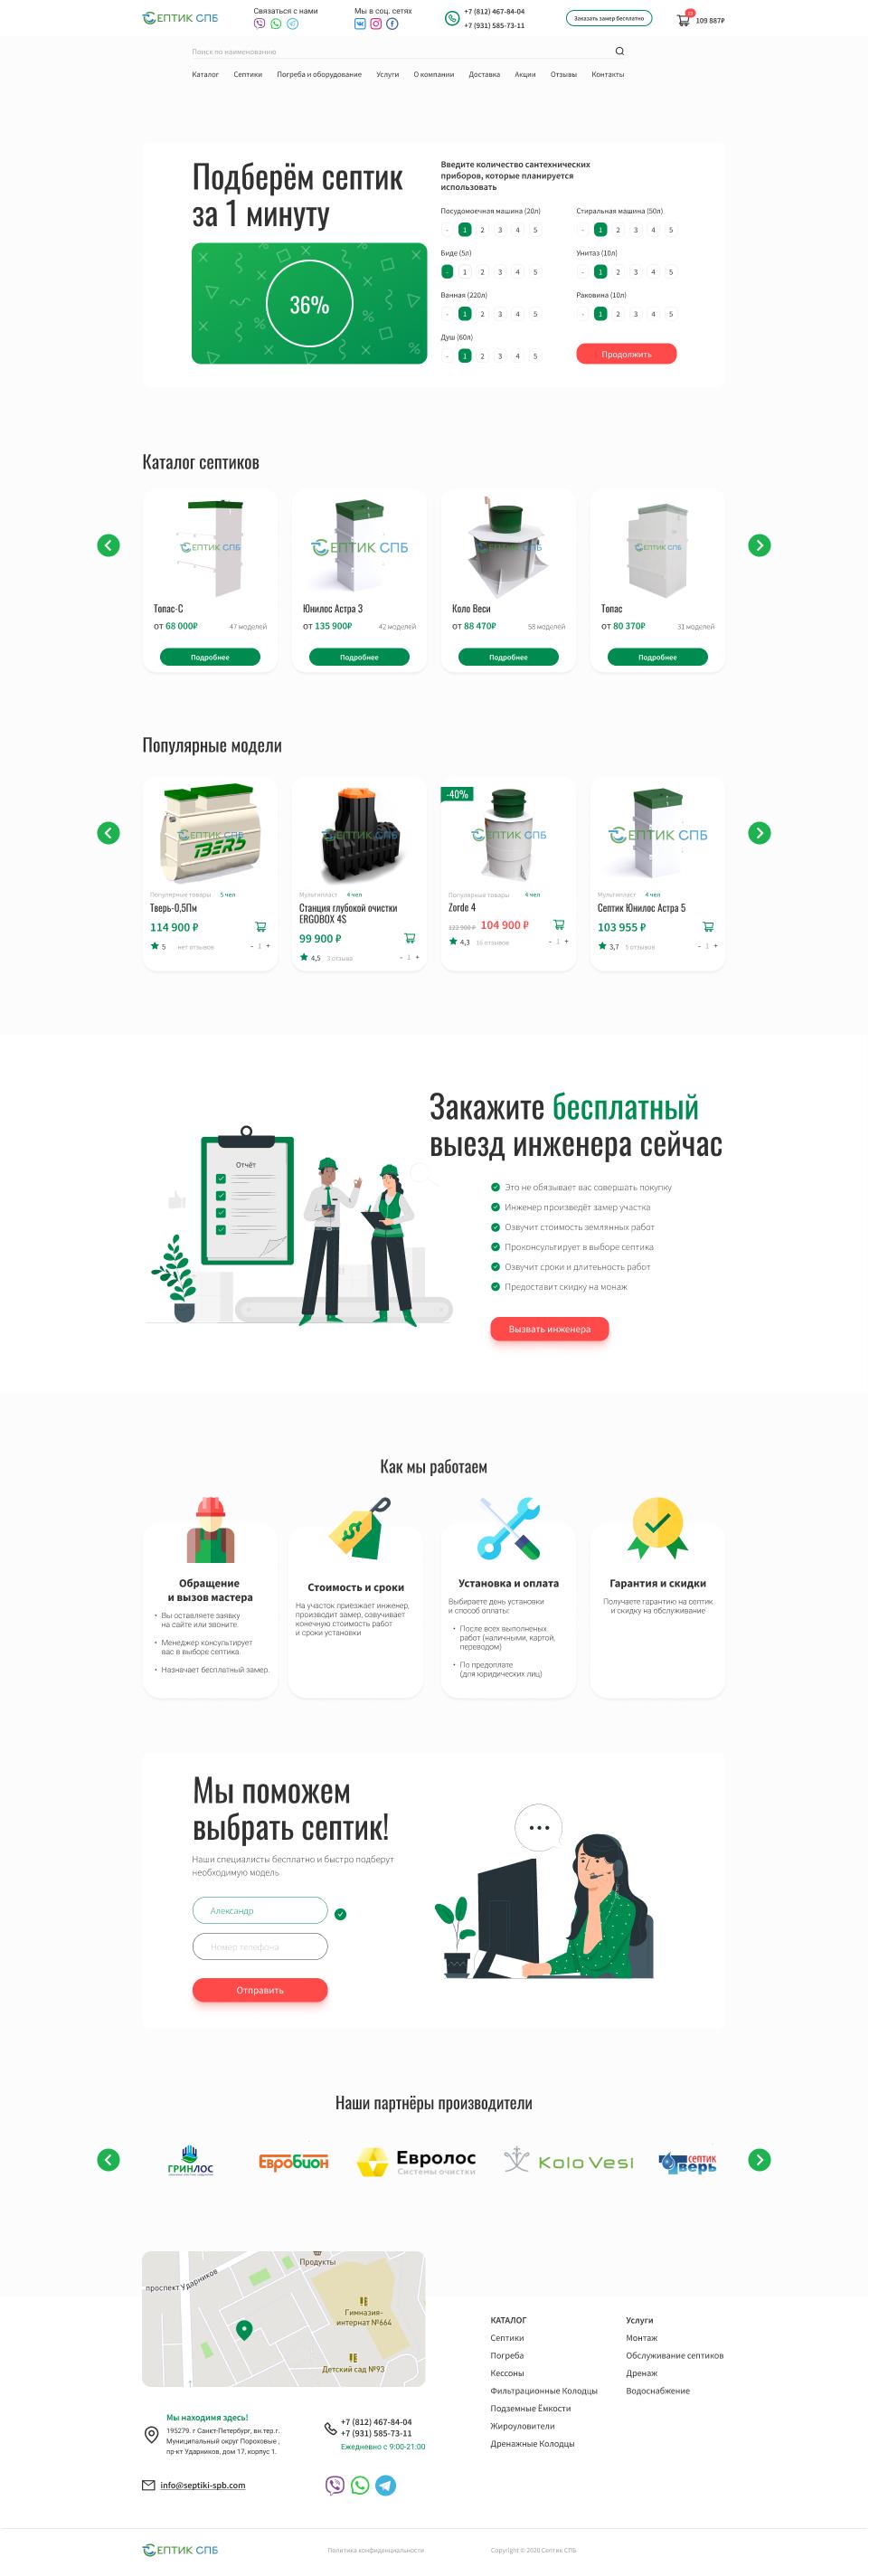 Редизайн сайта (без смены блочной страктуры) фото f_56260d4bb5dafa53.jpg